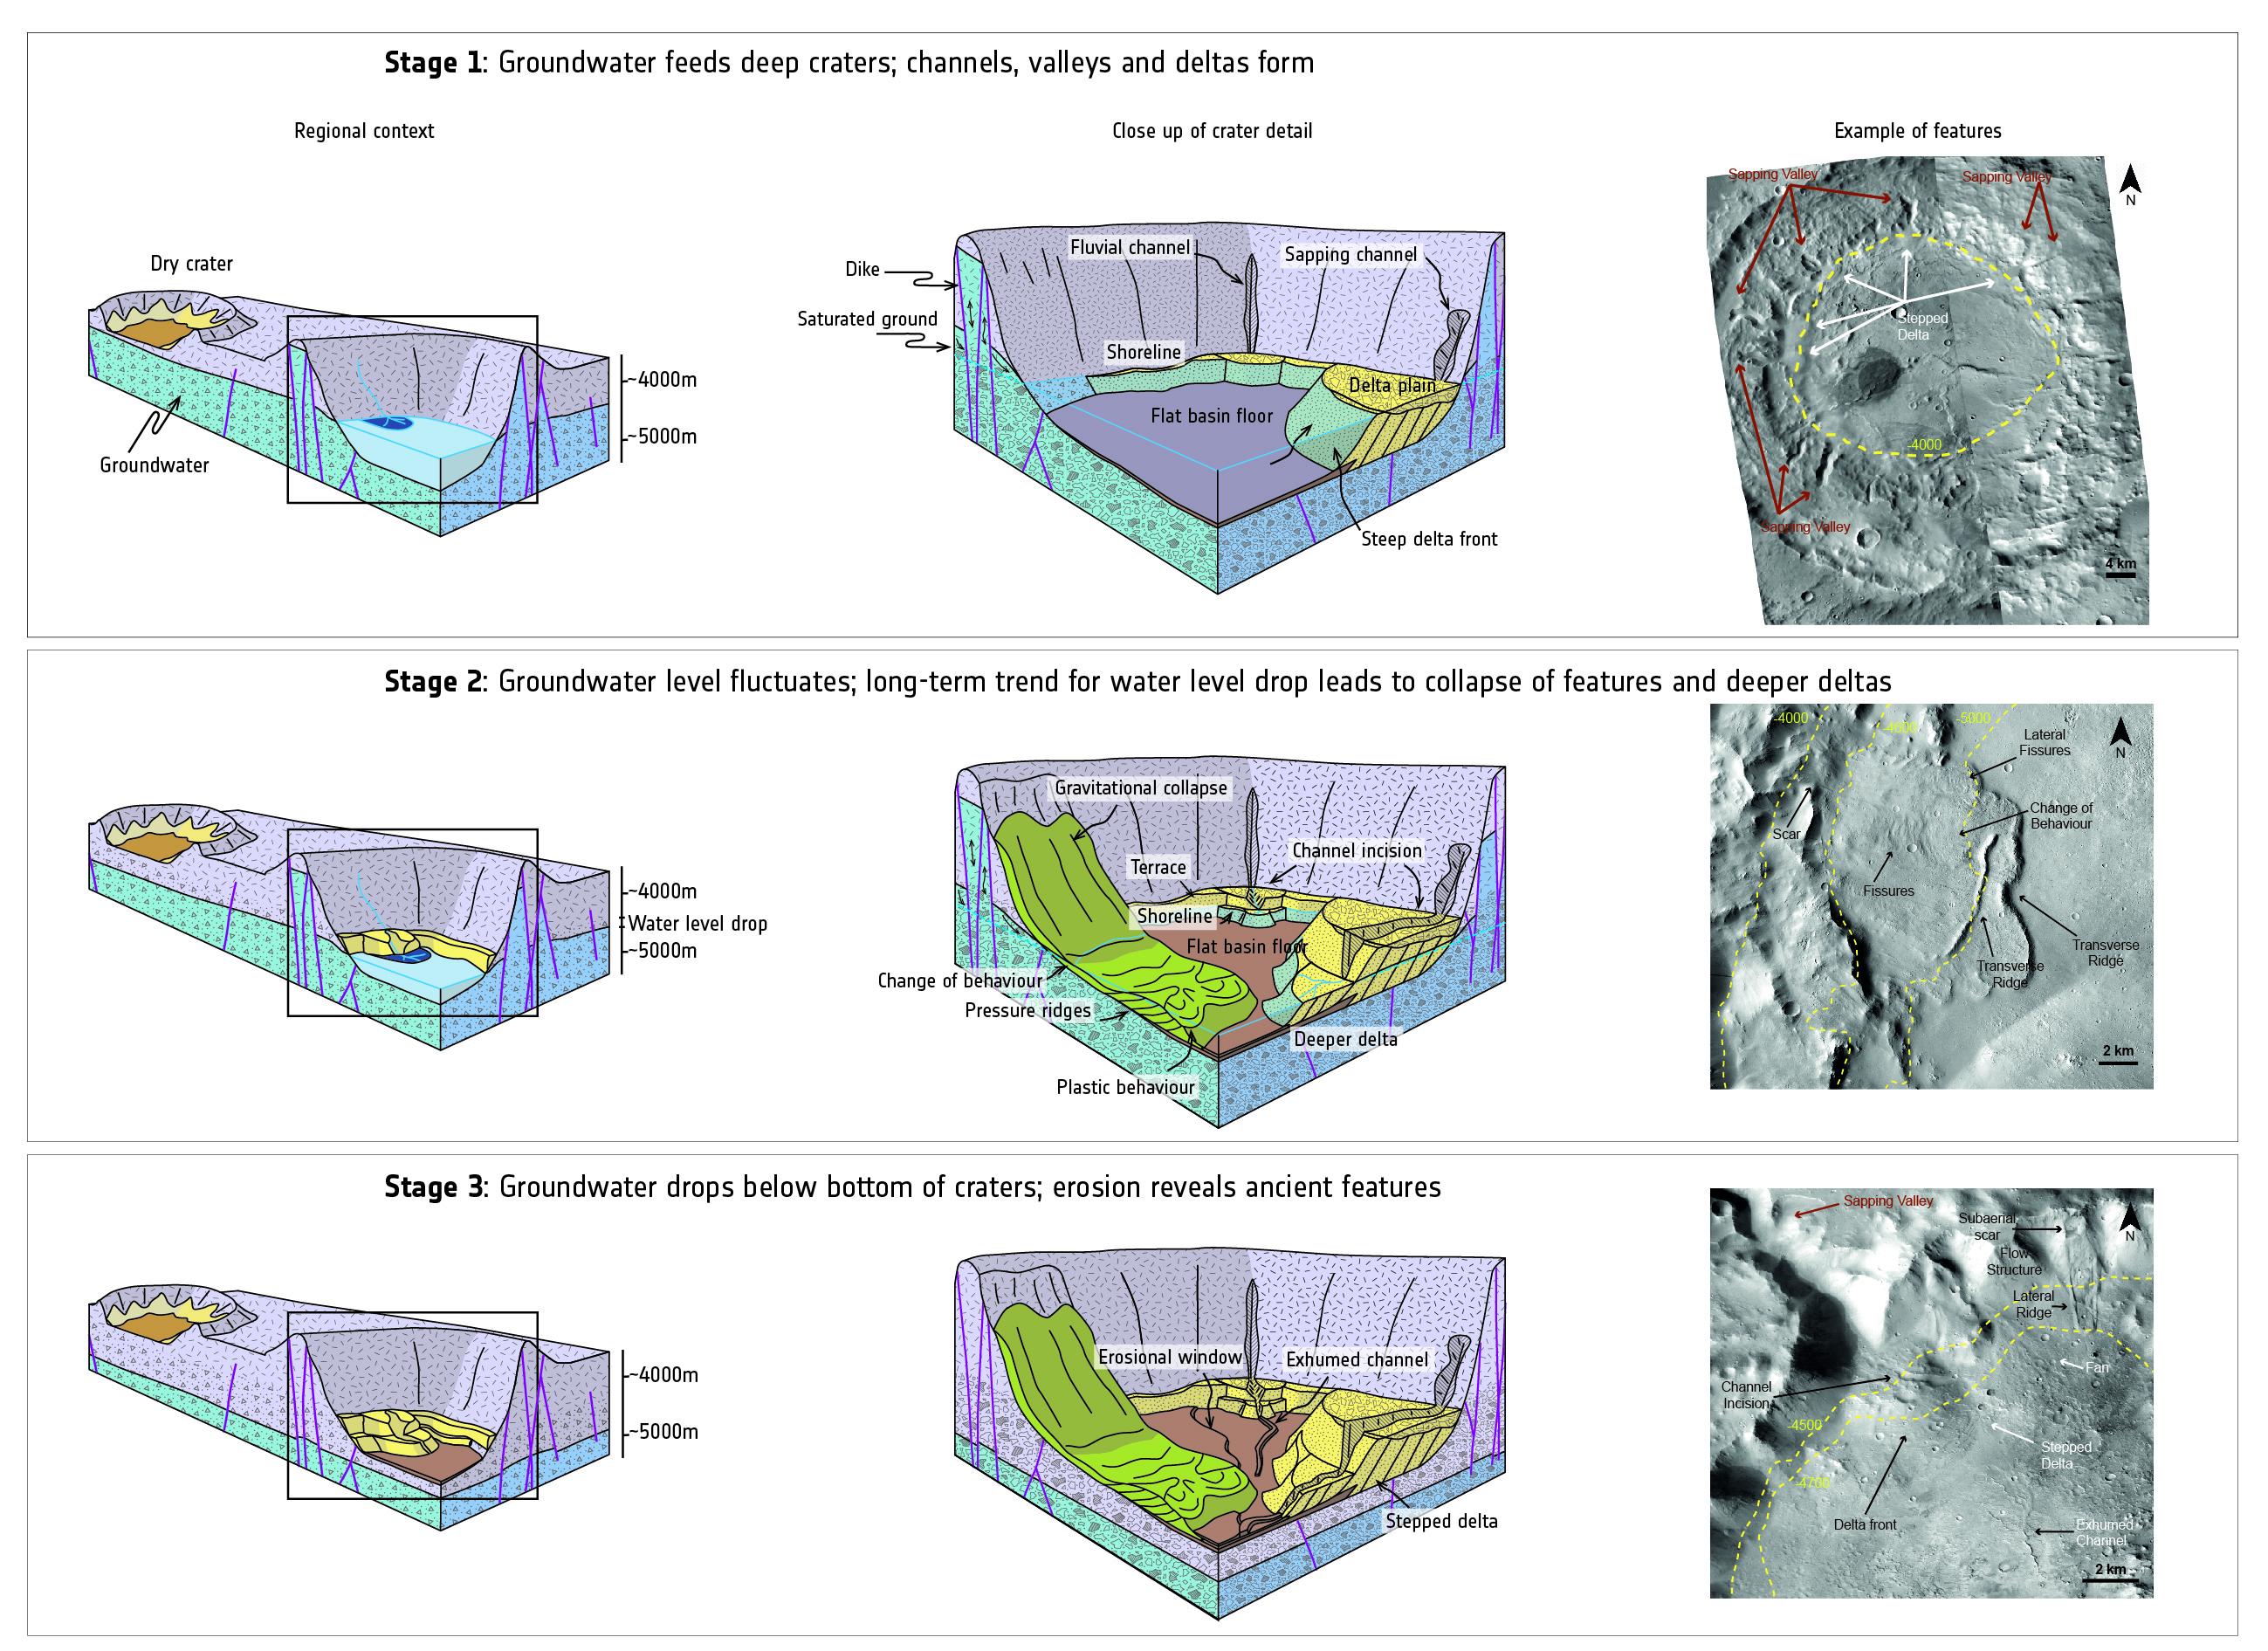 Grafische Darstellung der drei Hauptphasen der Veränderung einst wassertragender Kraterbecken auf dem Mars: Zunächst wird das Kraterbecken mit Wasser geflutet und es entstehen erste, mit Wasser in Verbindung stehende Merkmale wie Deltas, Täler, Kanäle und Küstenlinien (oben). In Phase zwei sinkt der globale Wasserspiegel, wodurch neue Landformen hervortreten (mittig). Schlussendlich trocknet der Kratergrund gänzlich aus und erodiert, wodurch Merkmale, die zuvor über Jahrmillionen entstanden sind, sichtbar werden (unten). Copyright: NASA/JPL-Caltech/MSSS; Diagramm angepasst von F. Salese et al. (2019)